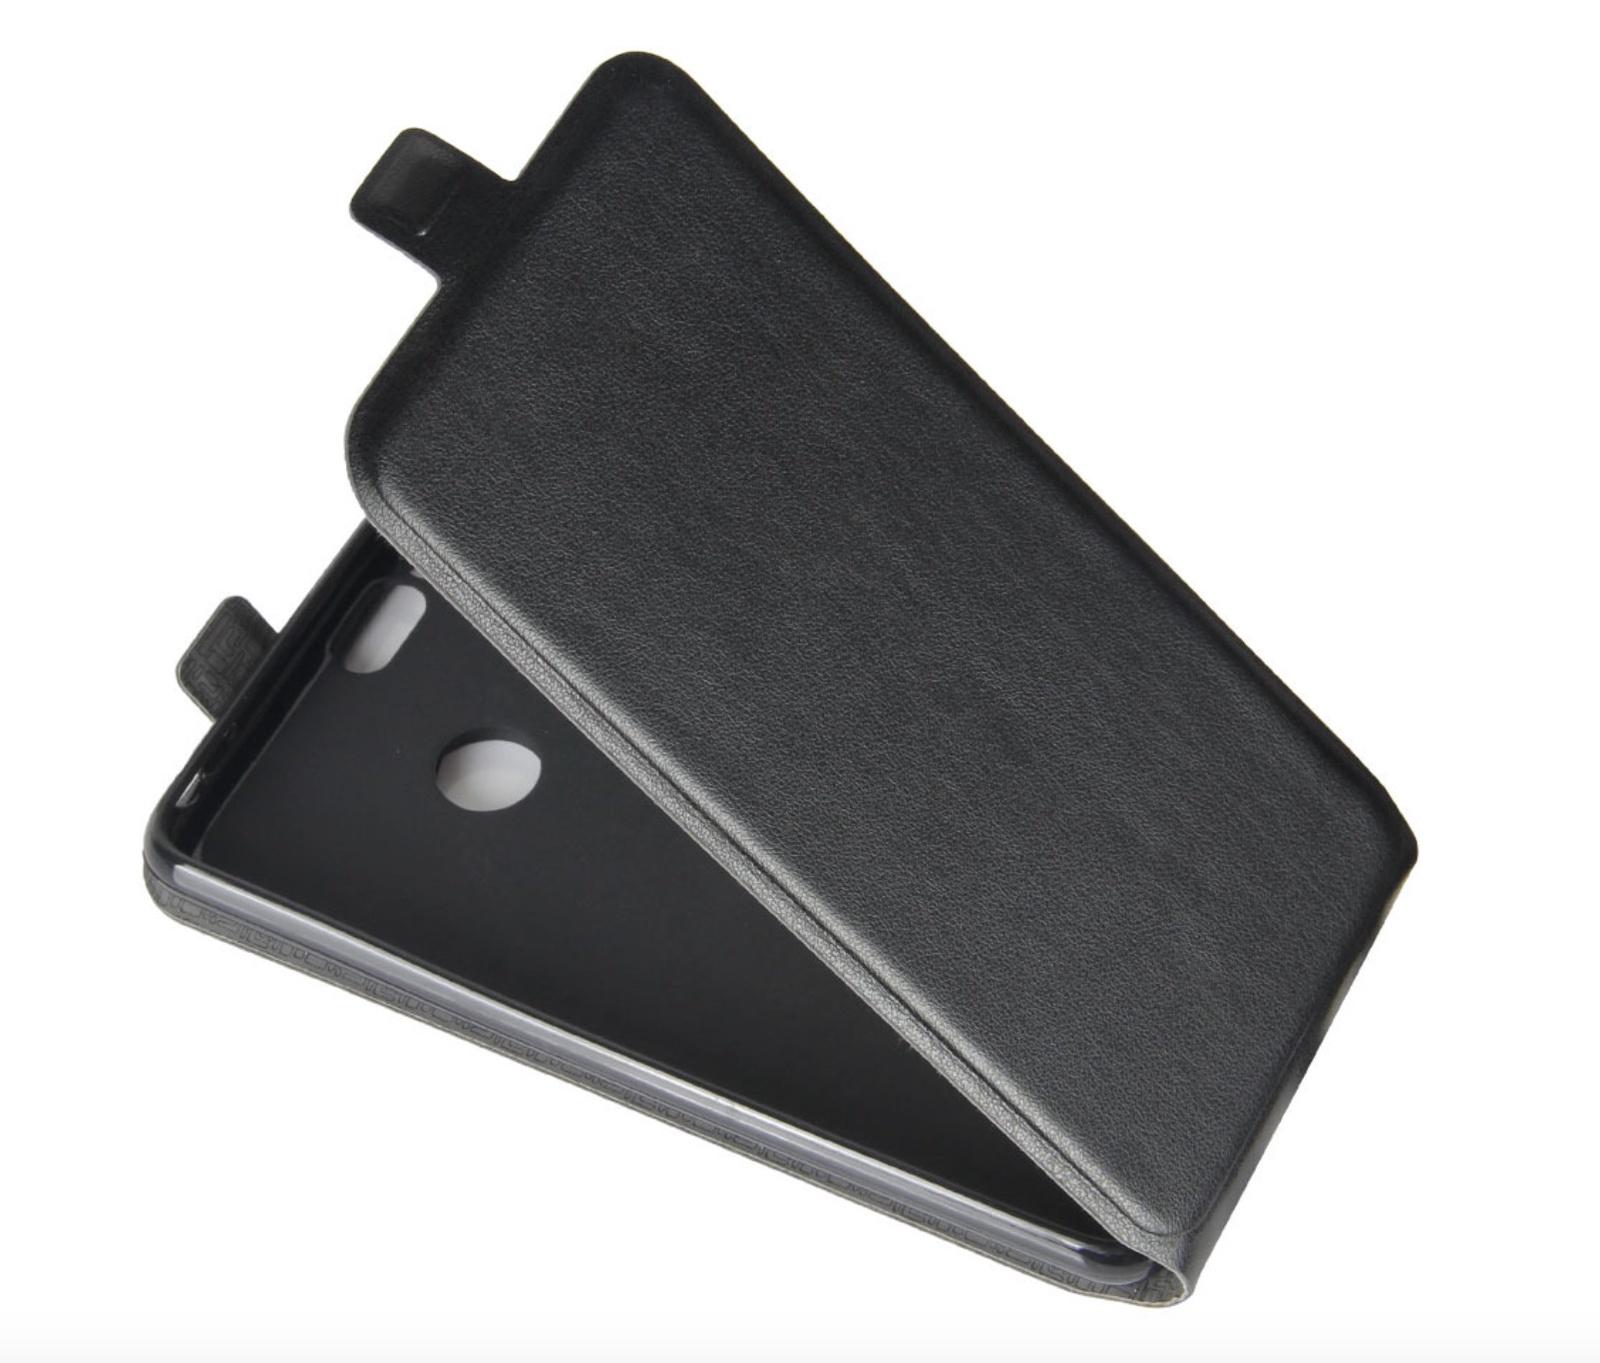 Чехол-флип MyPads для HTC Desire 310 Dual Sim вертикальный откидной черный